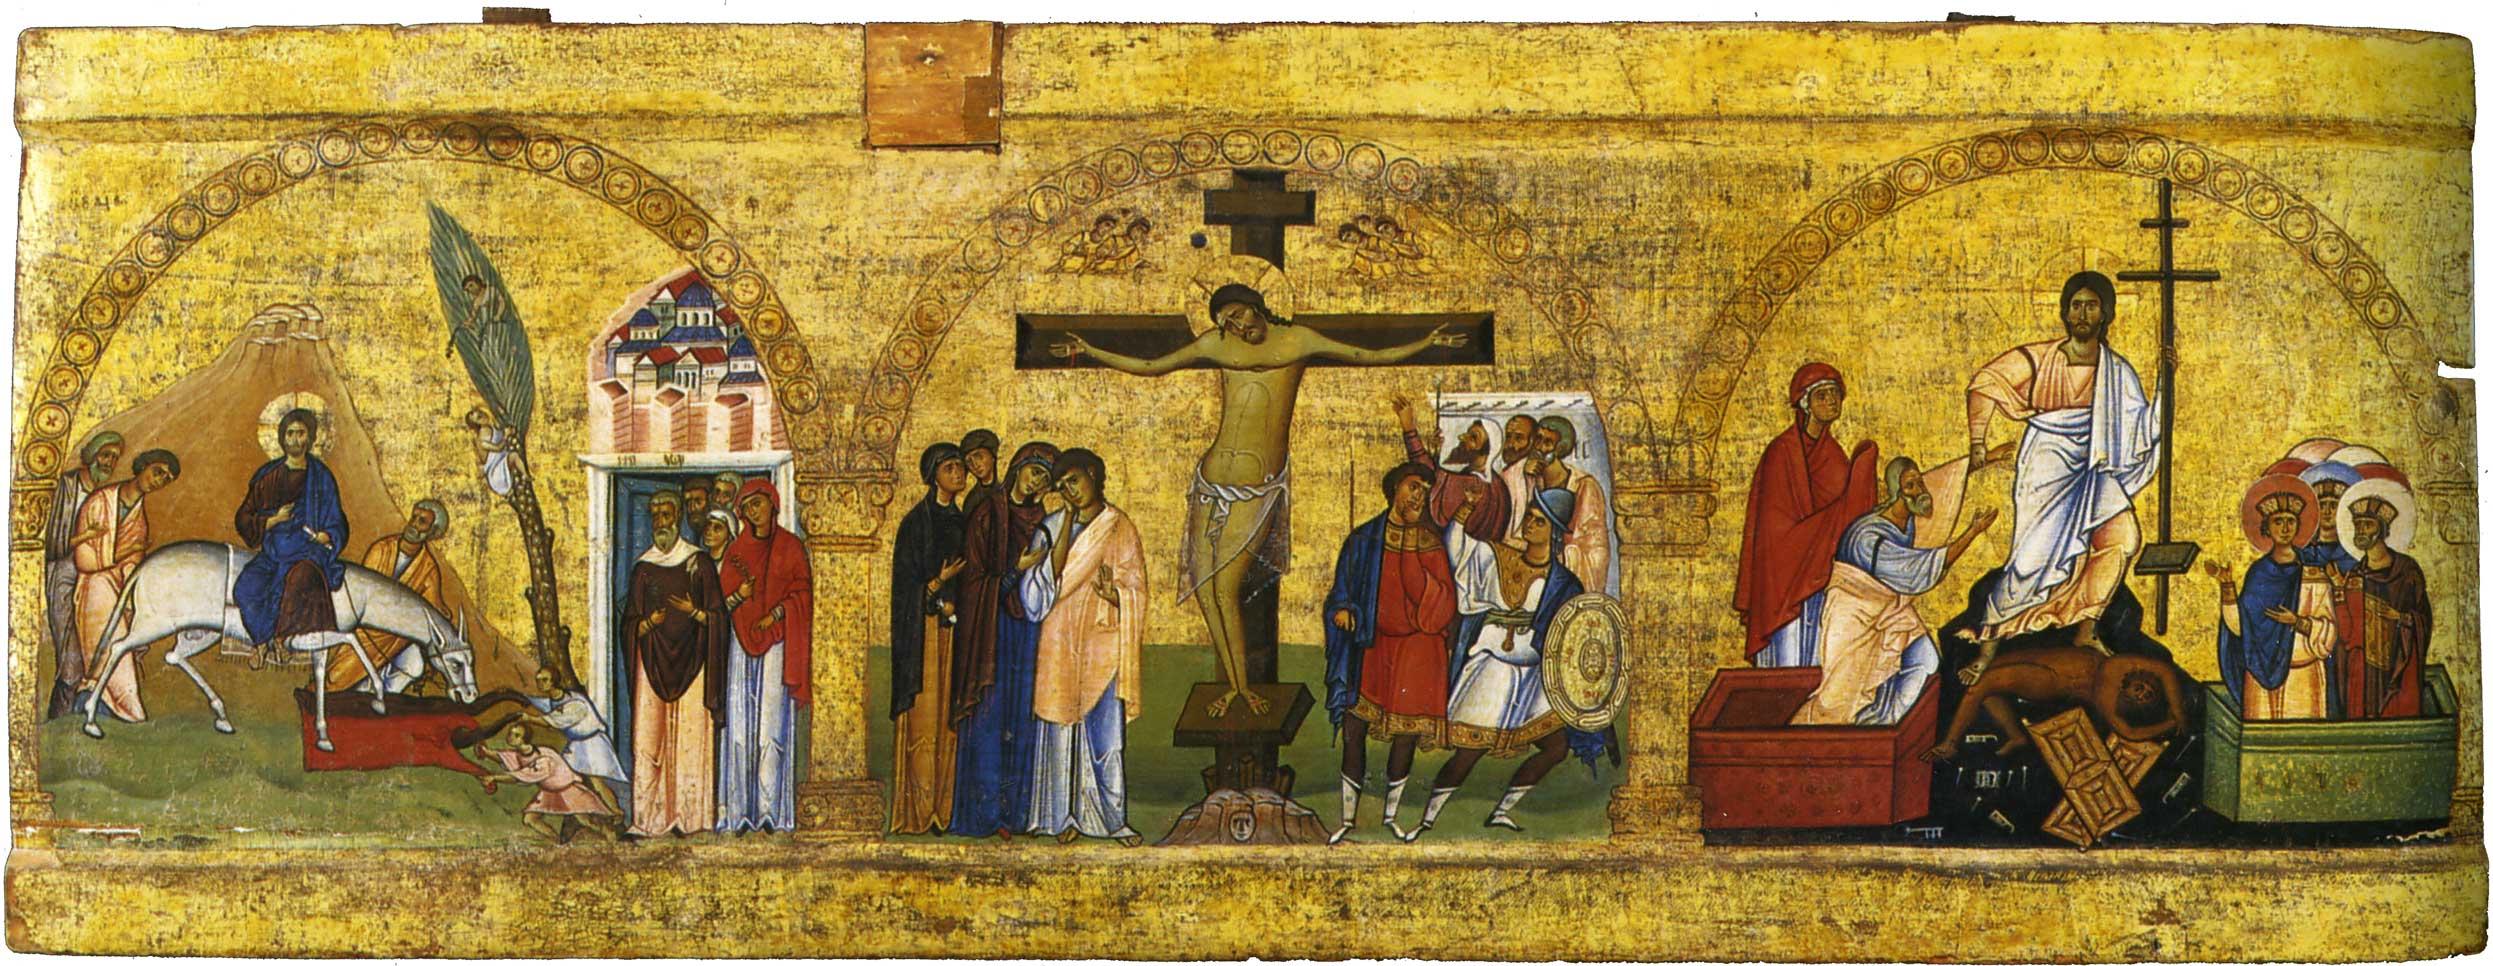 13 — 16 апреля. Священное Пасхальное Триденствие – Triduum Paschale